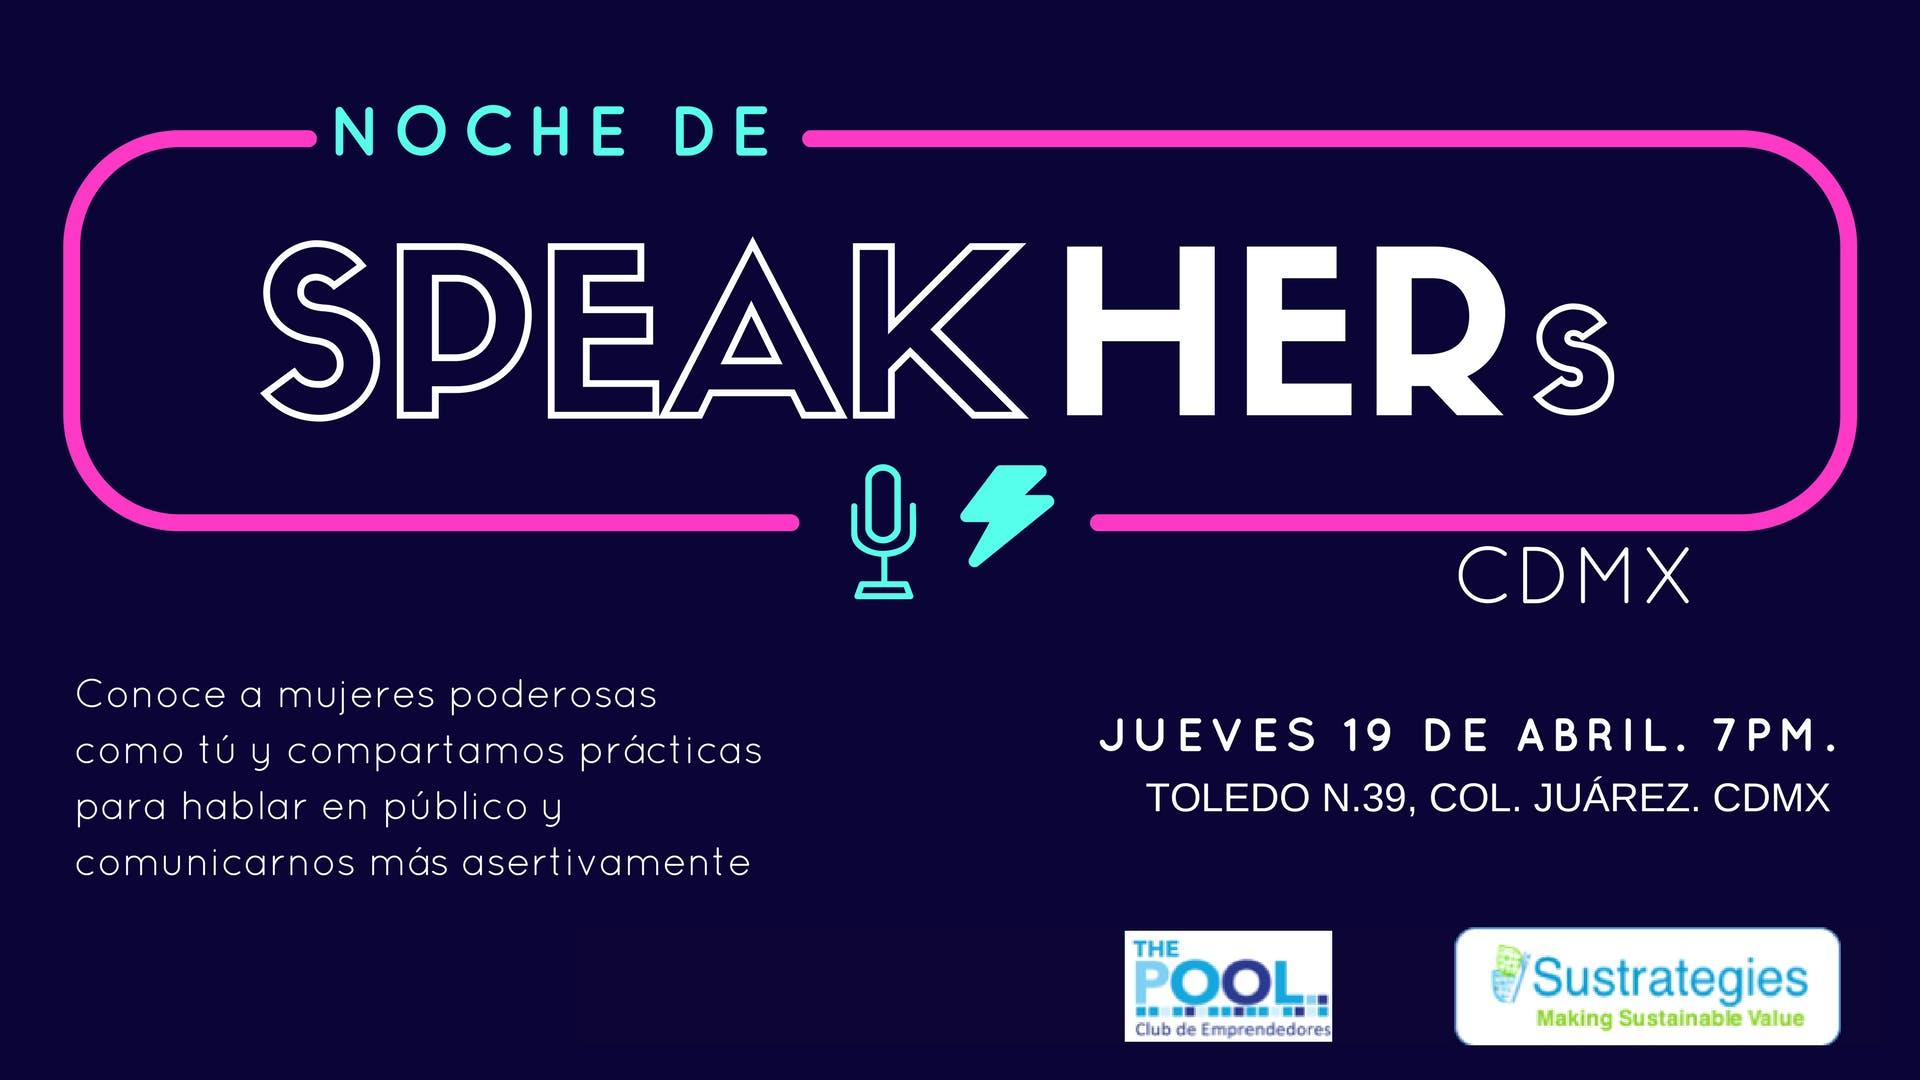 Noche de SpeakHERs Vol.II ABRIL CdMX